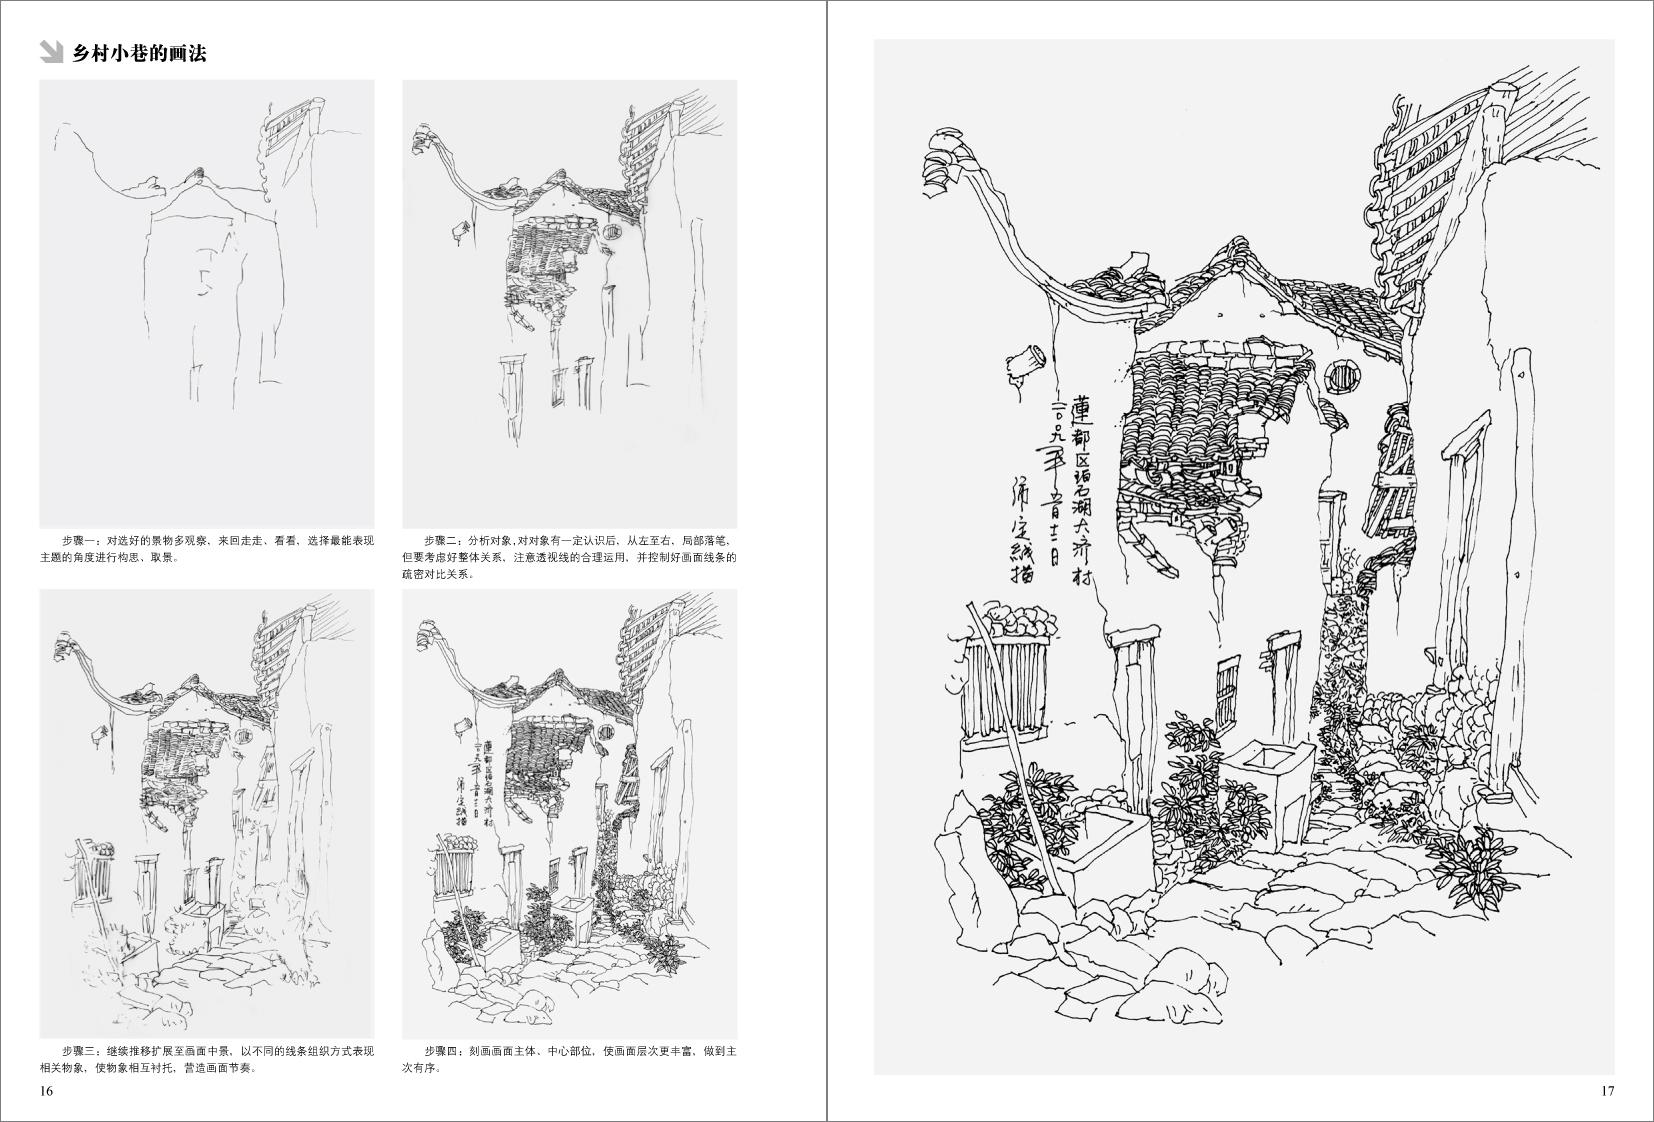 正版 基础教学实用版 第7册 风景速写 从入门到精通 学生成人绘画美术